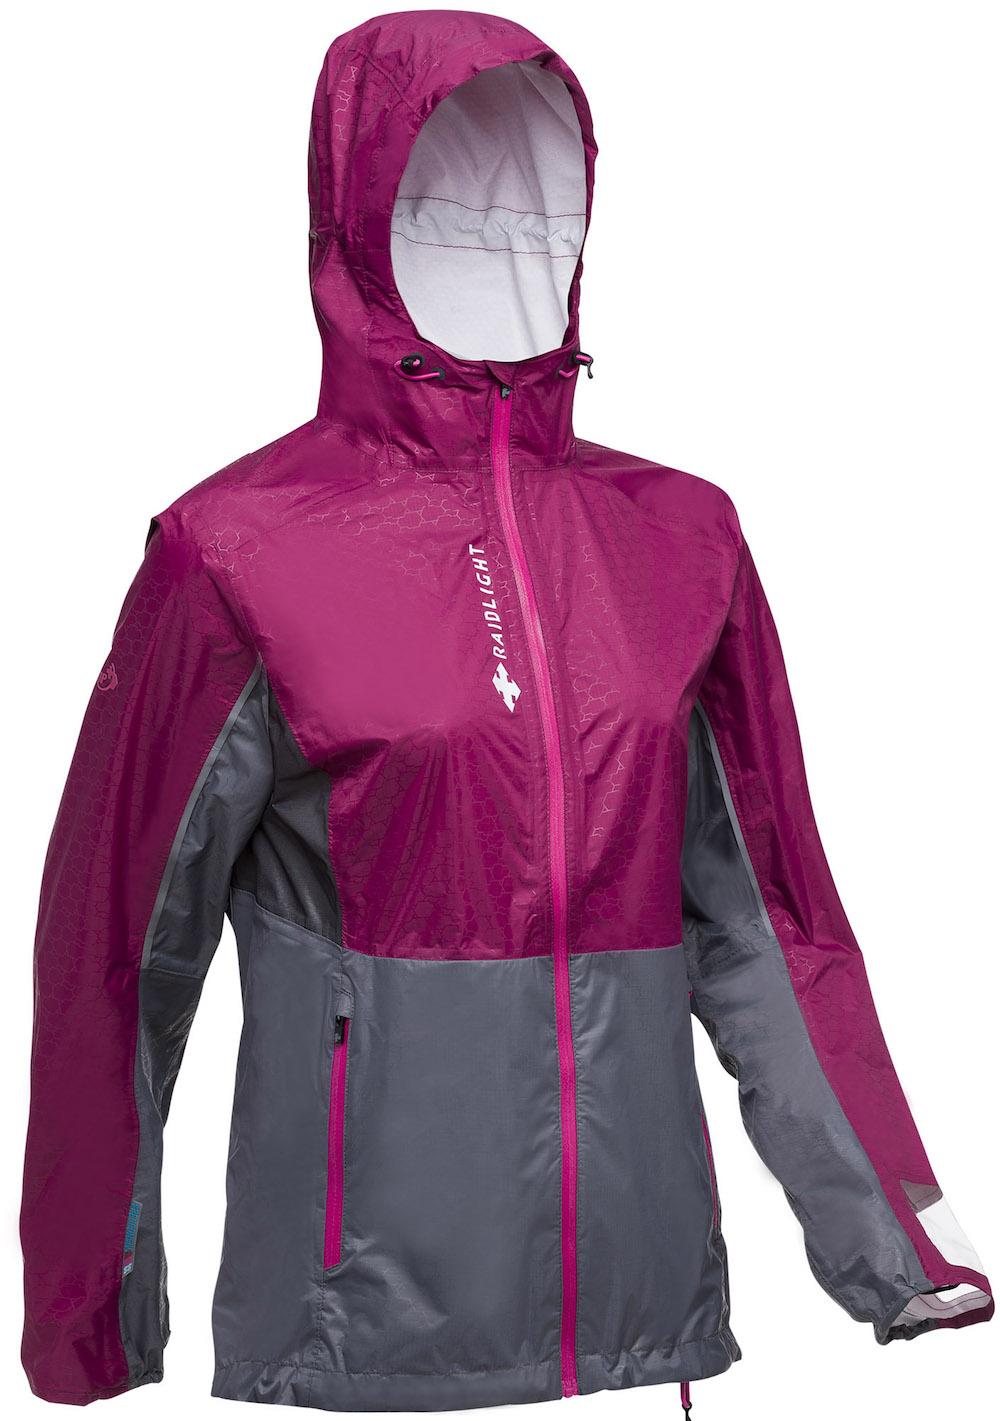 Raidlight Top Extreme Mp + Jacket - Hardshell jacket - Women's